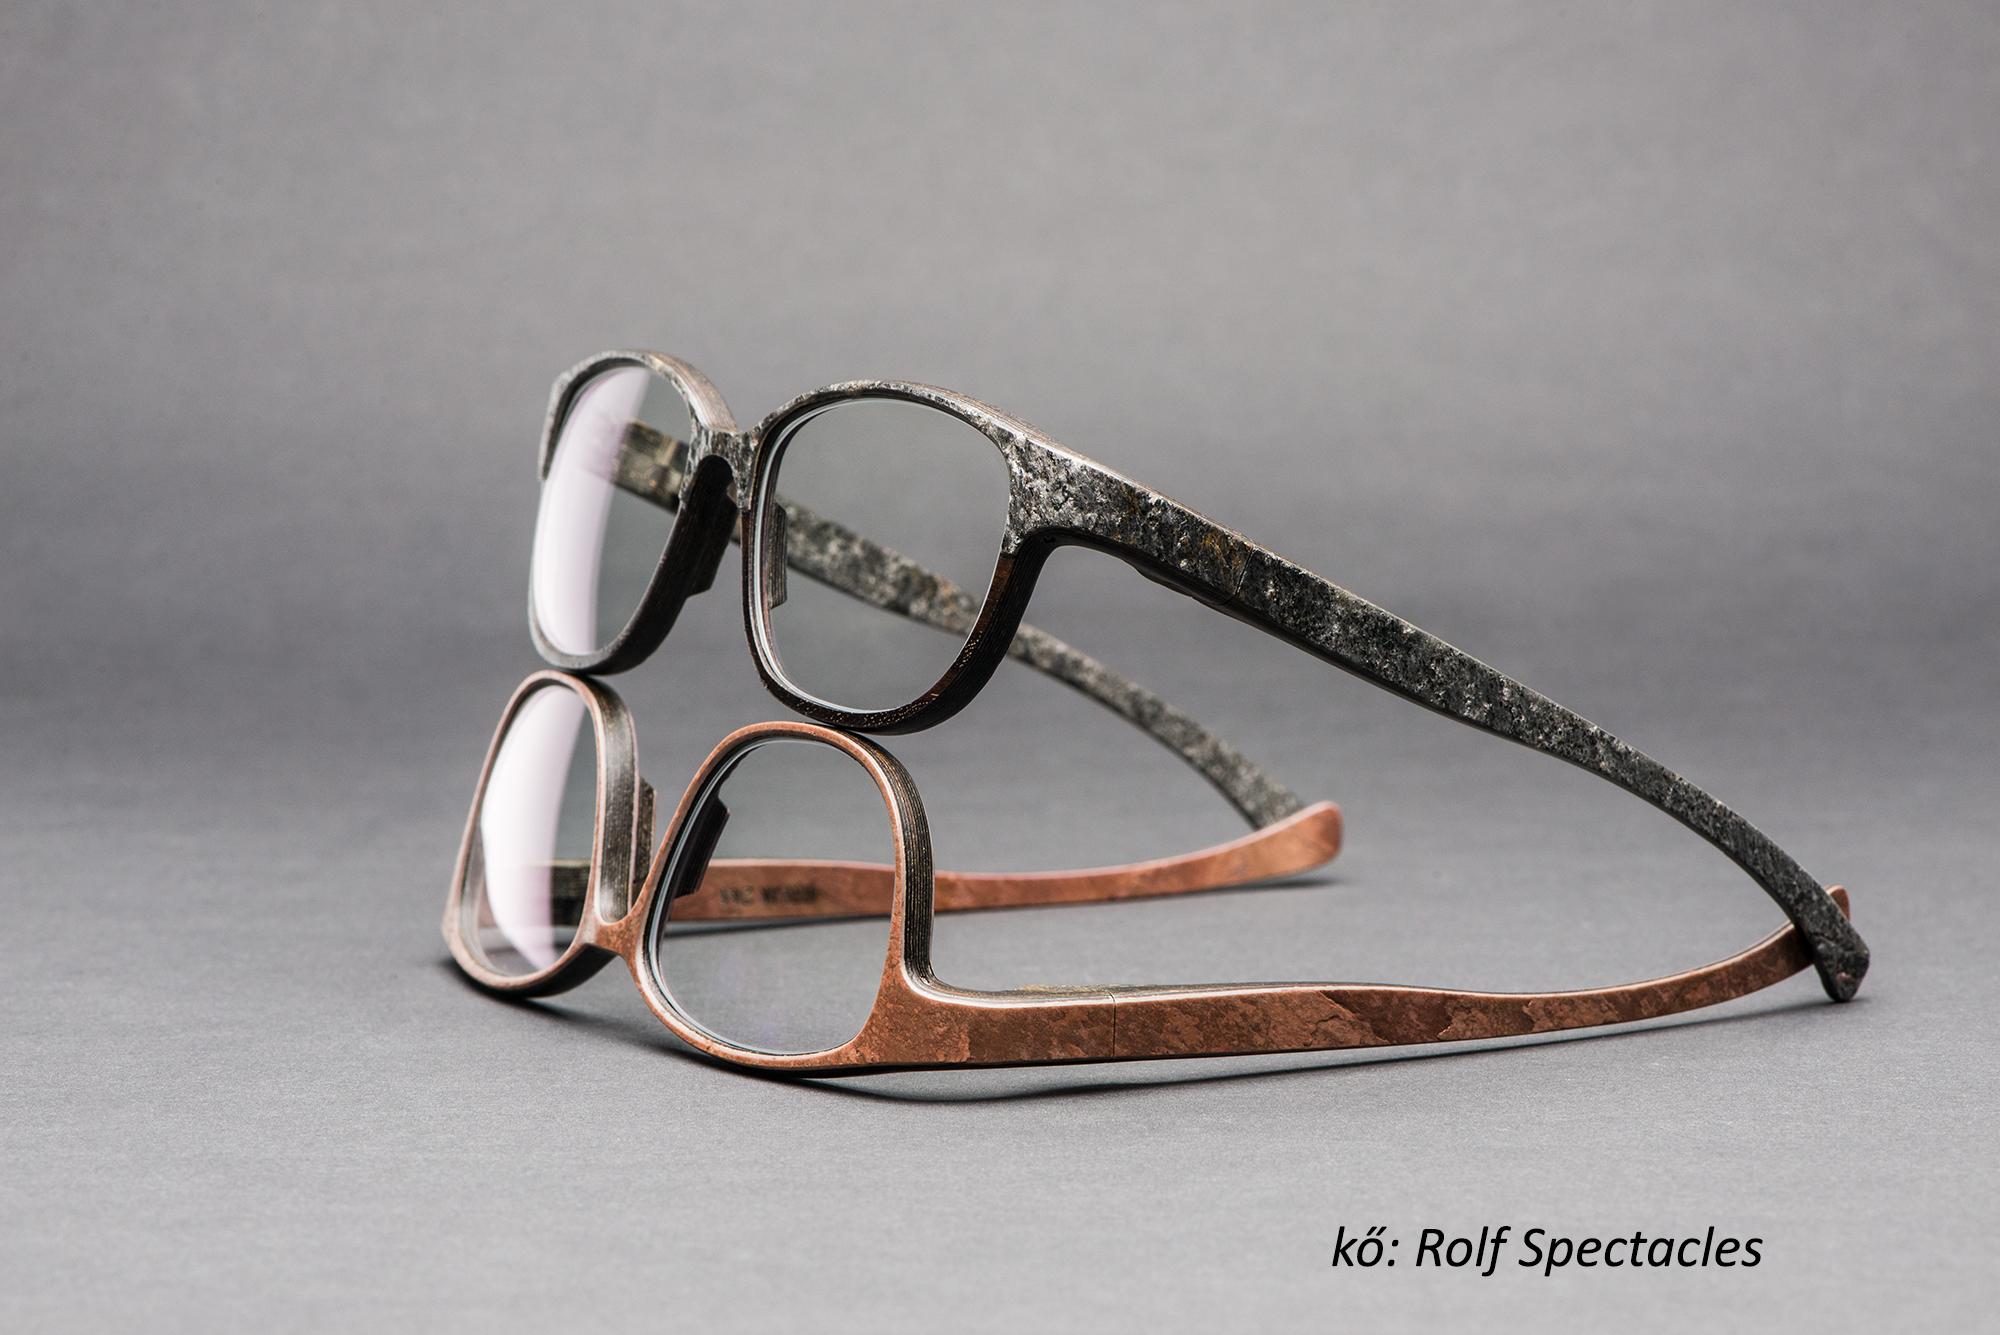 kő szemüvegkeret Rolf Spectacles